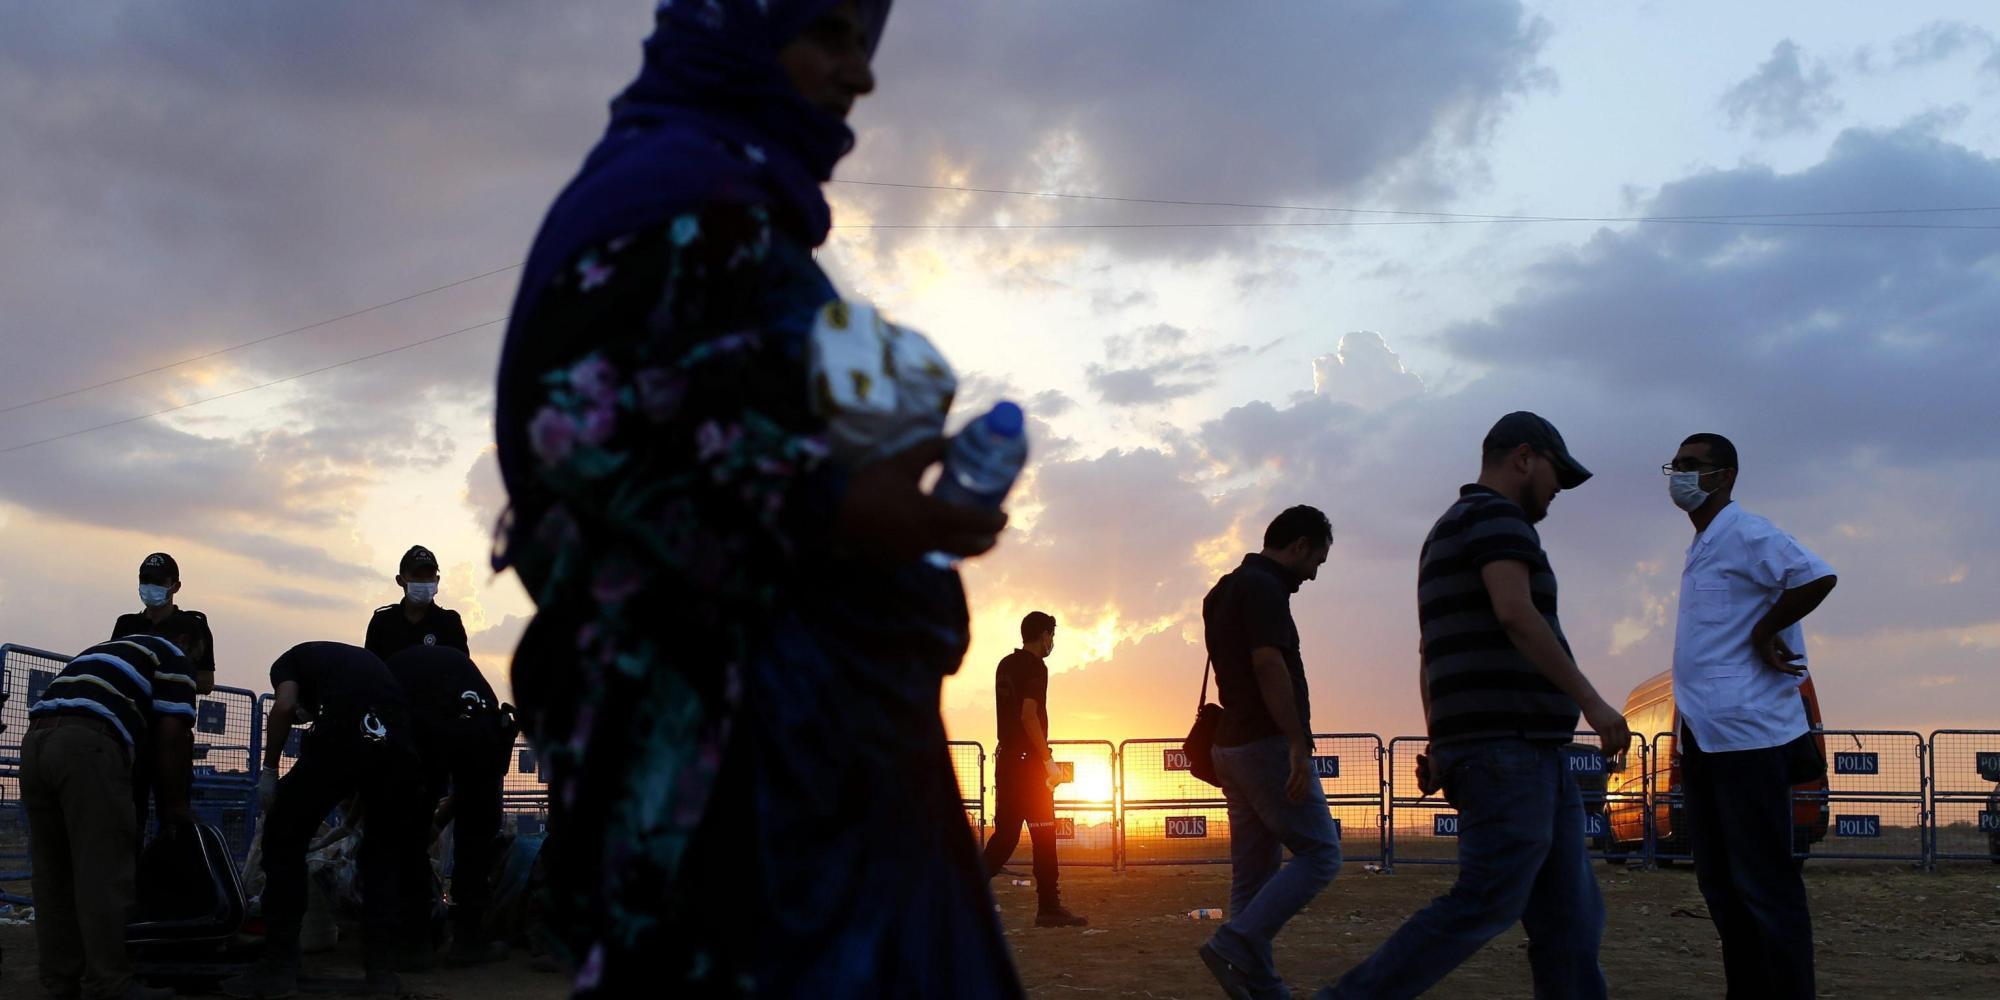 Ue la bozza dell 39 accordo sui richiedenti asilo 40mila da - Bozza compromesso ...